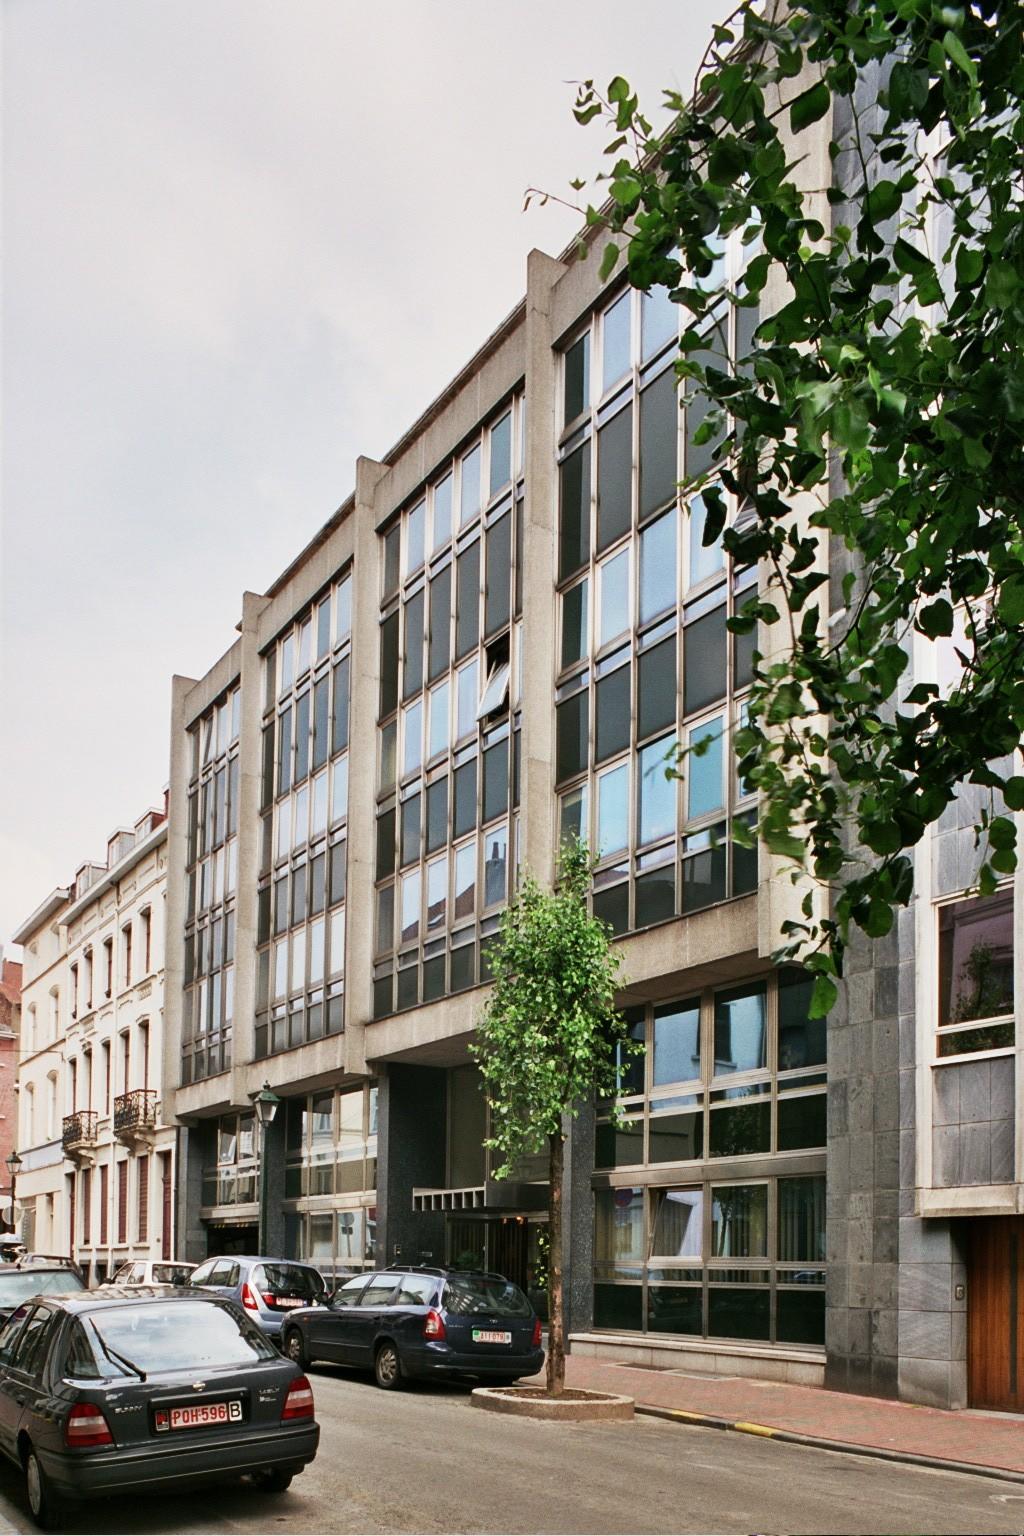 Rue Capouillet 50., 2004